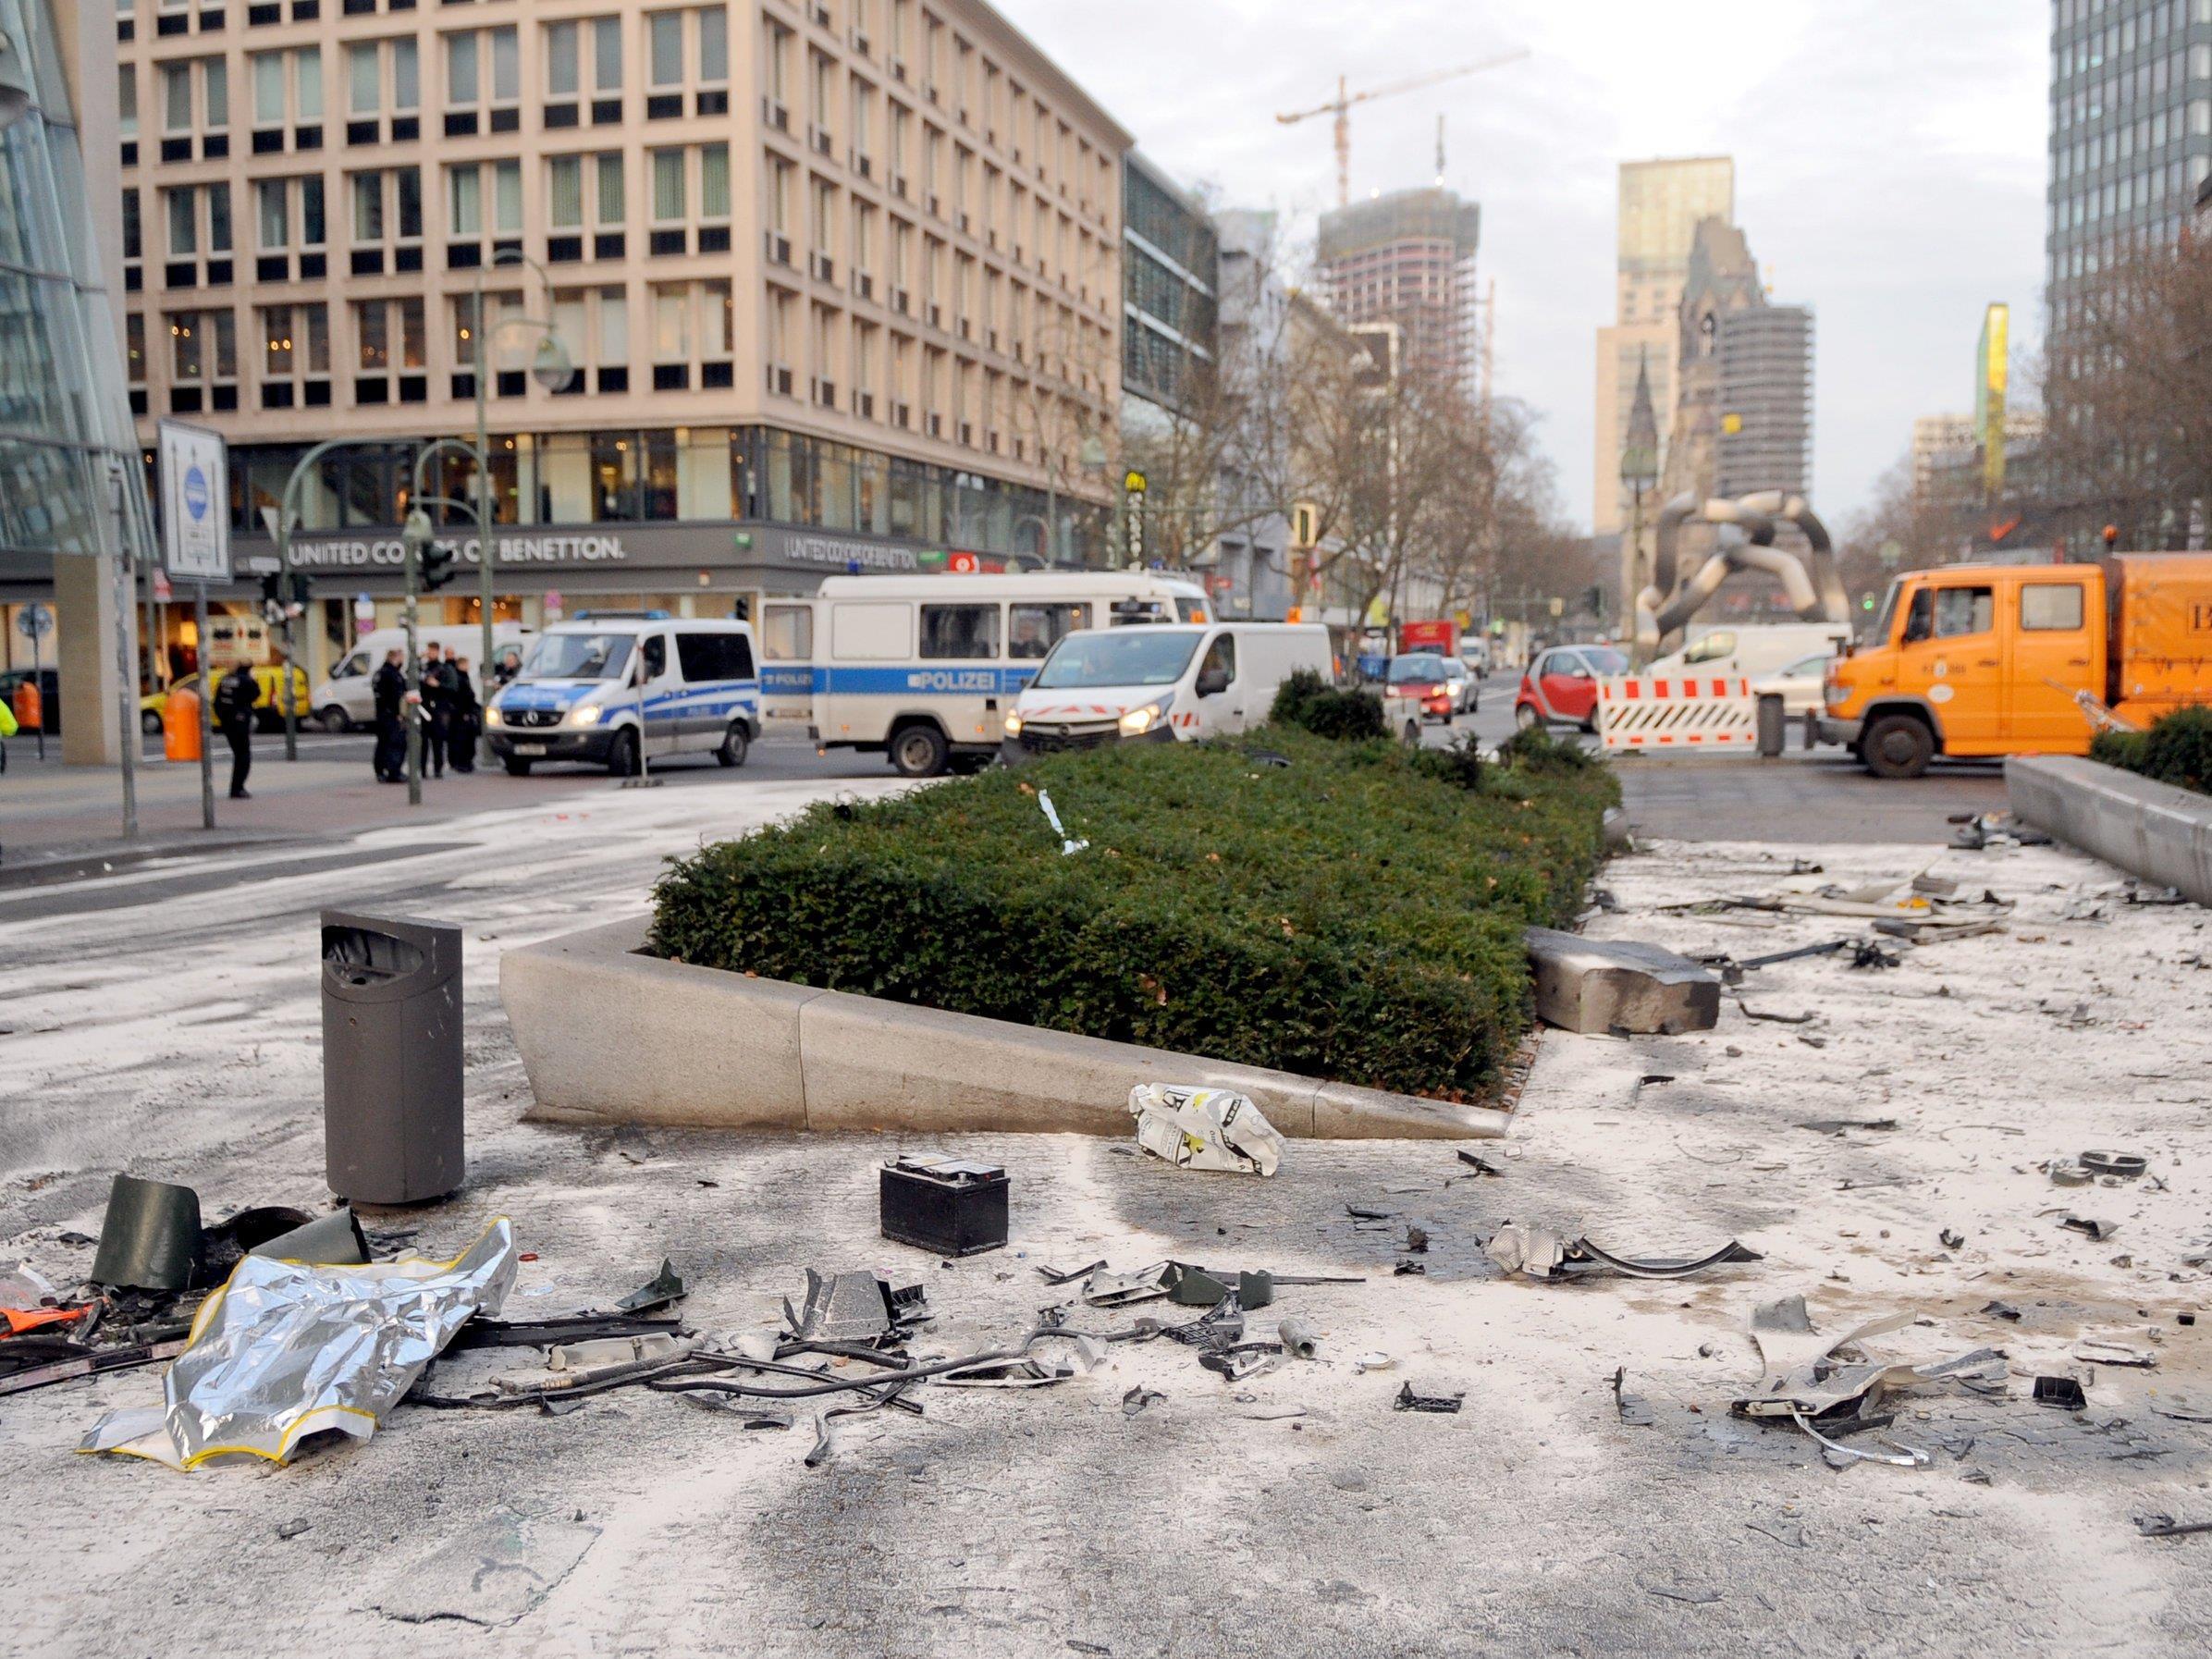 Junge Männer verursachen bei illegalem Straßenrennen mitten in Berlin Horror-Crash: ein Toter.